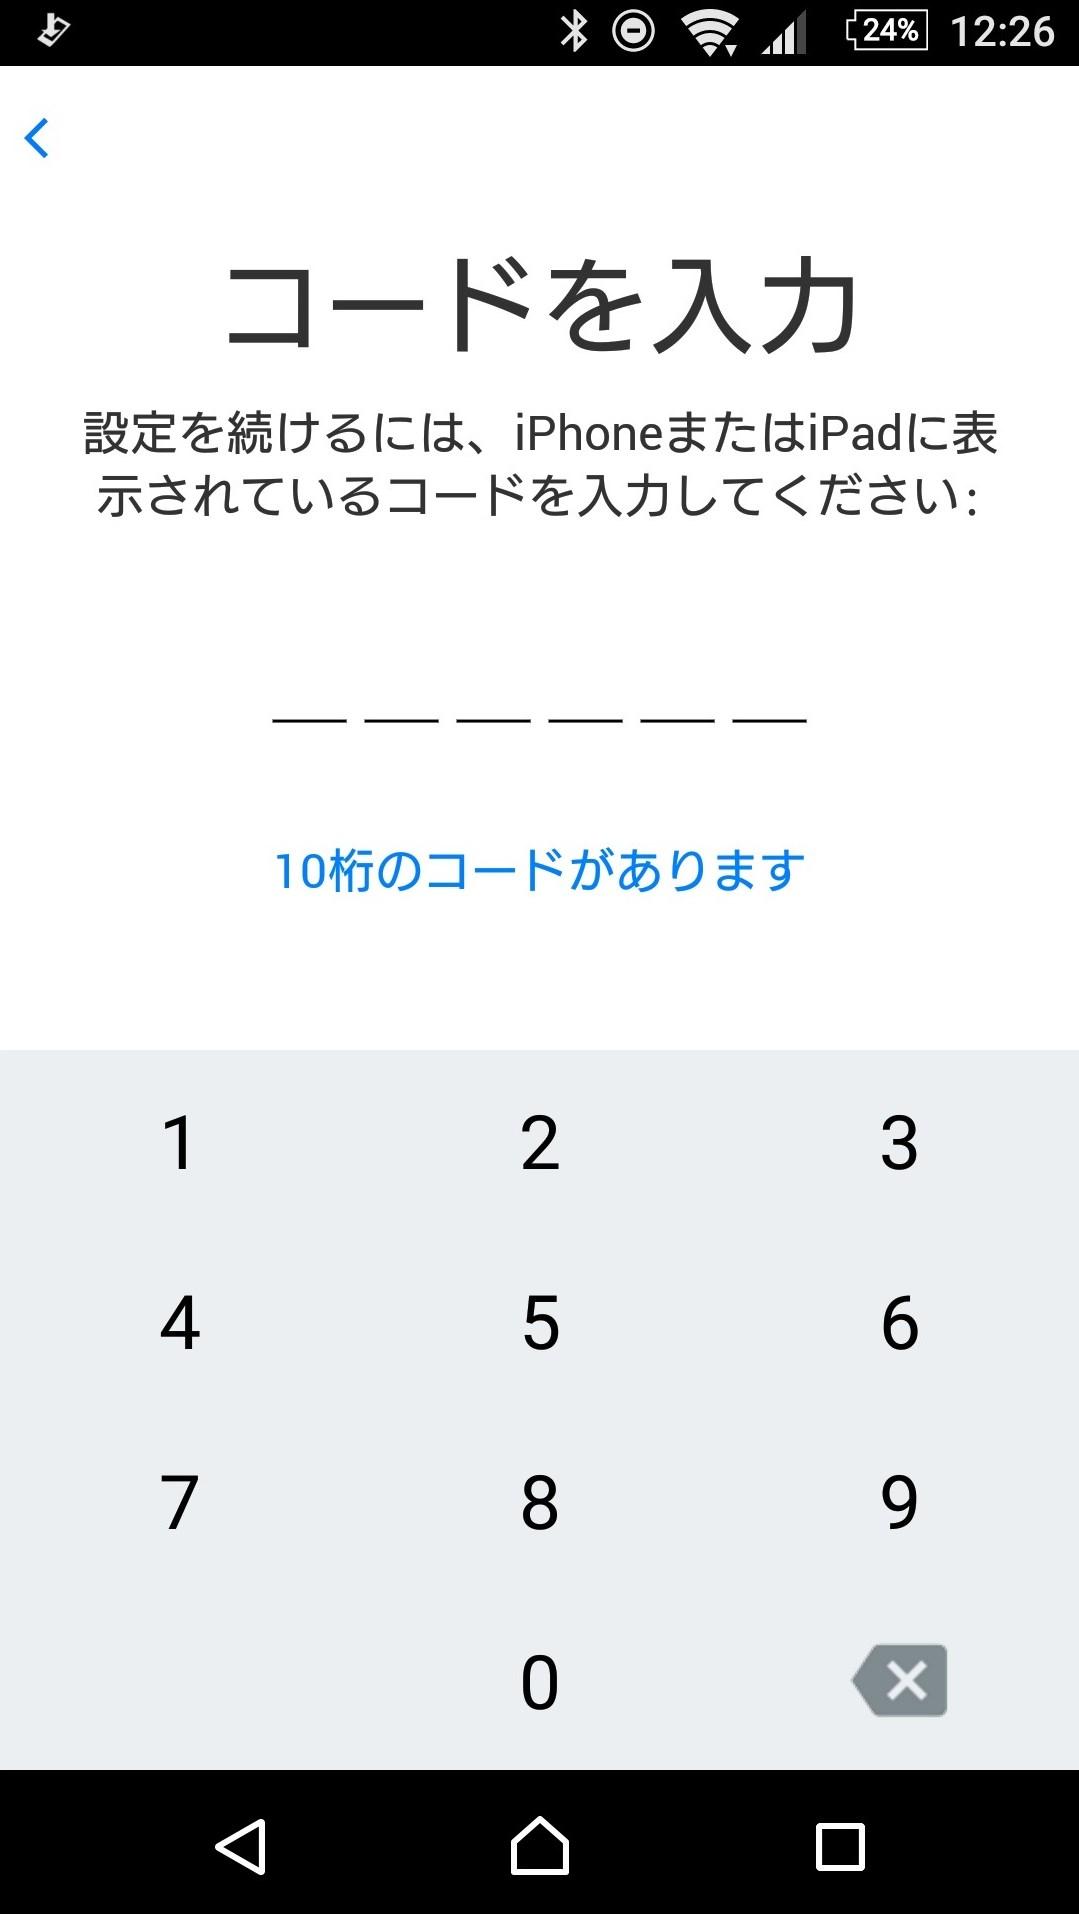 ドコモのアンドロイドからiPhoneにデータを転送